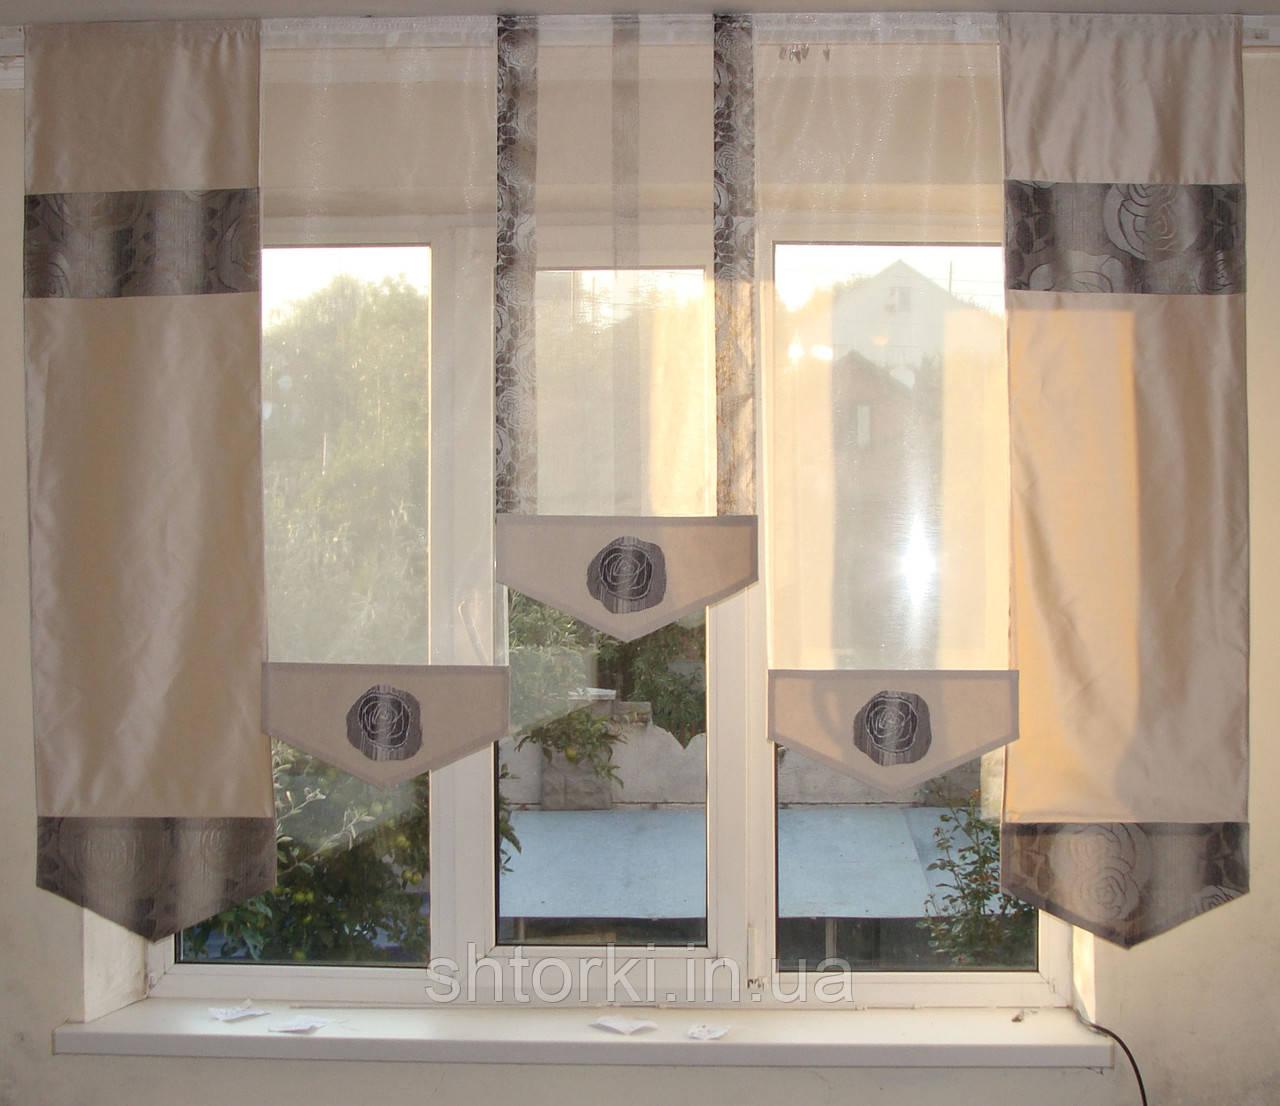 Комплект панельных шторок розы серые, 2м